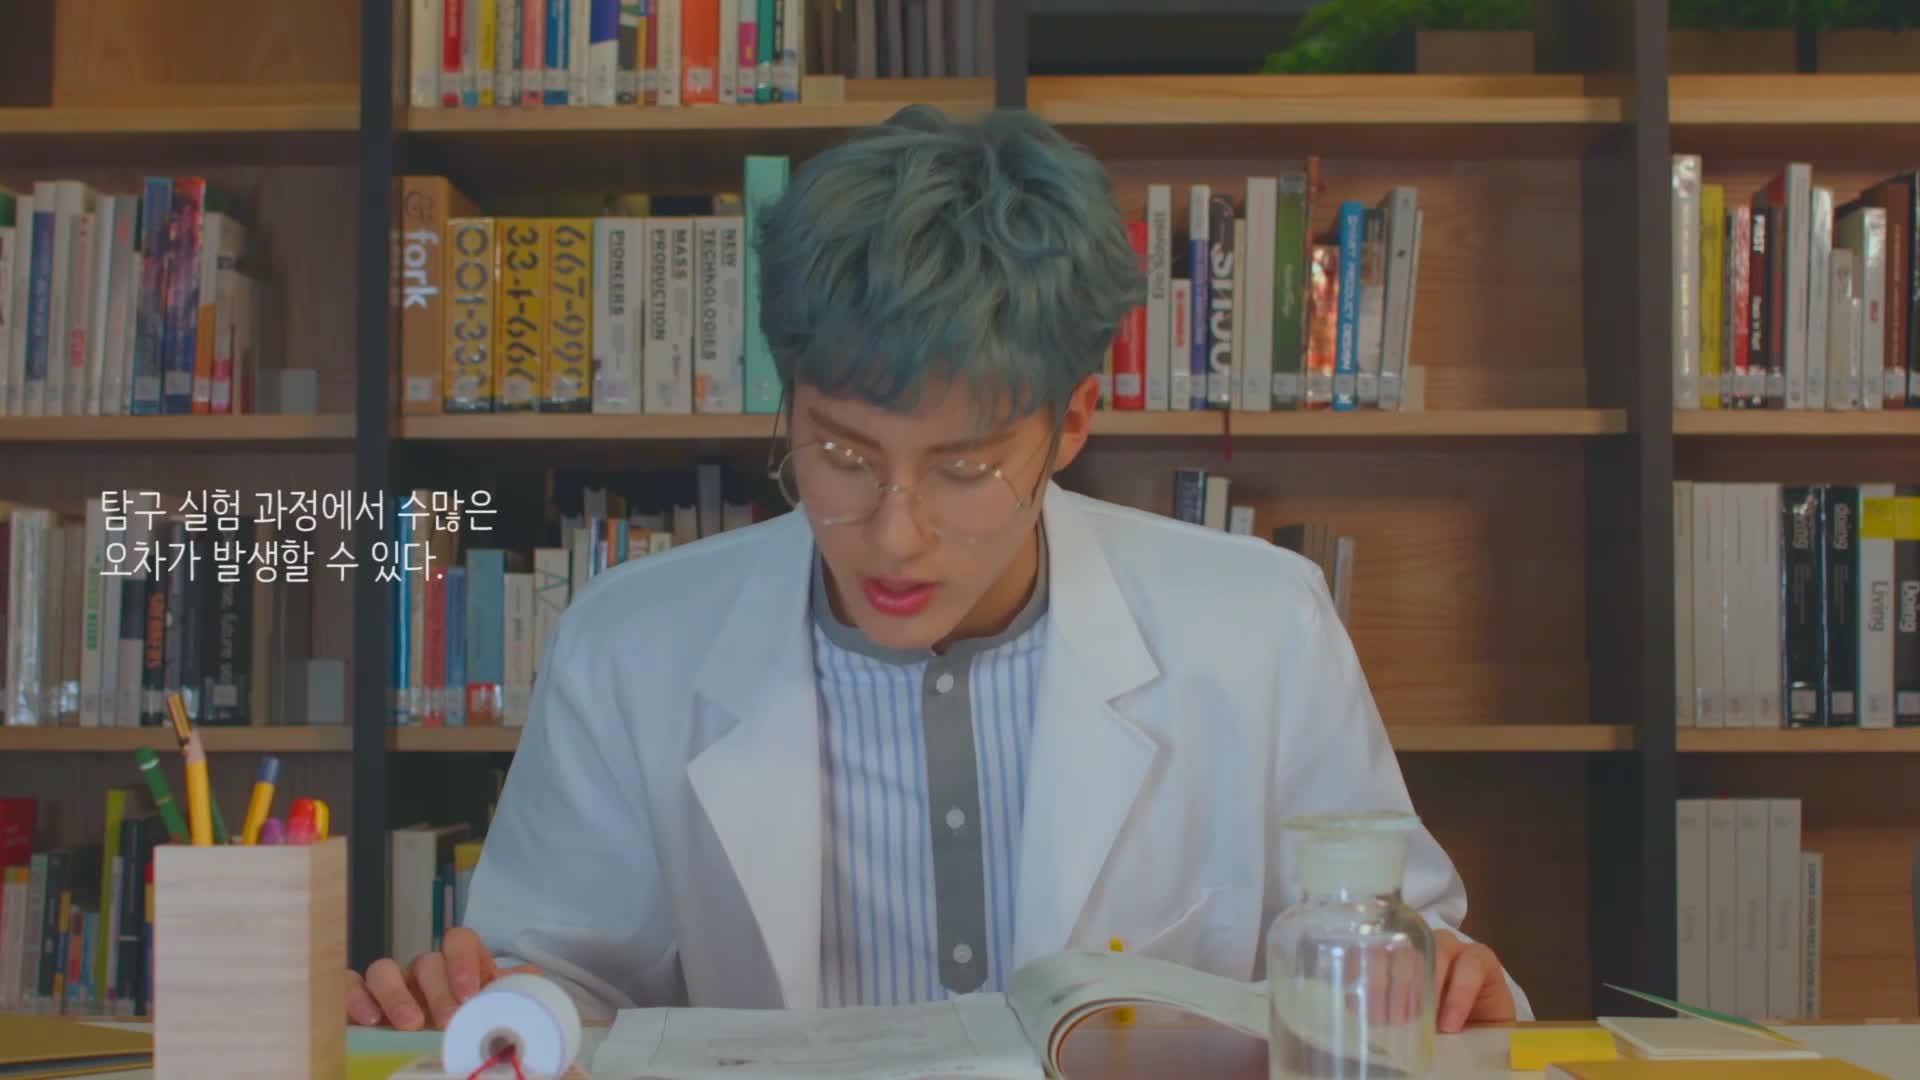 에릭이랑 과학 공부를 또 같이 한다면? <고1이라면 덥즈랑 교과서 위주로 열심히 하자>